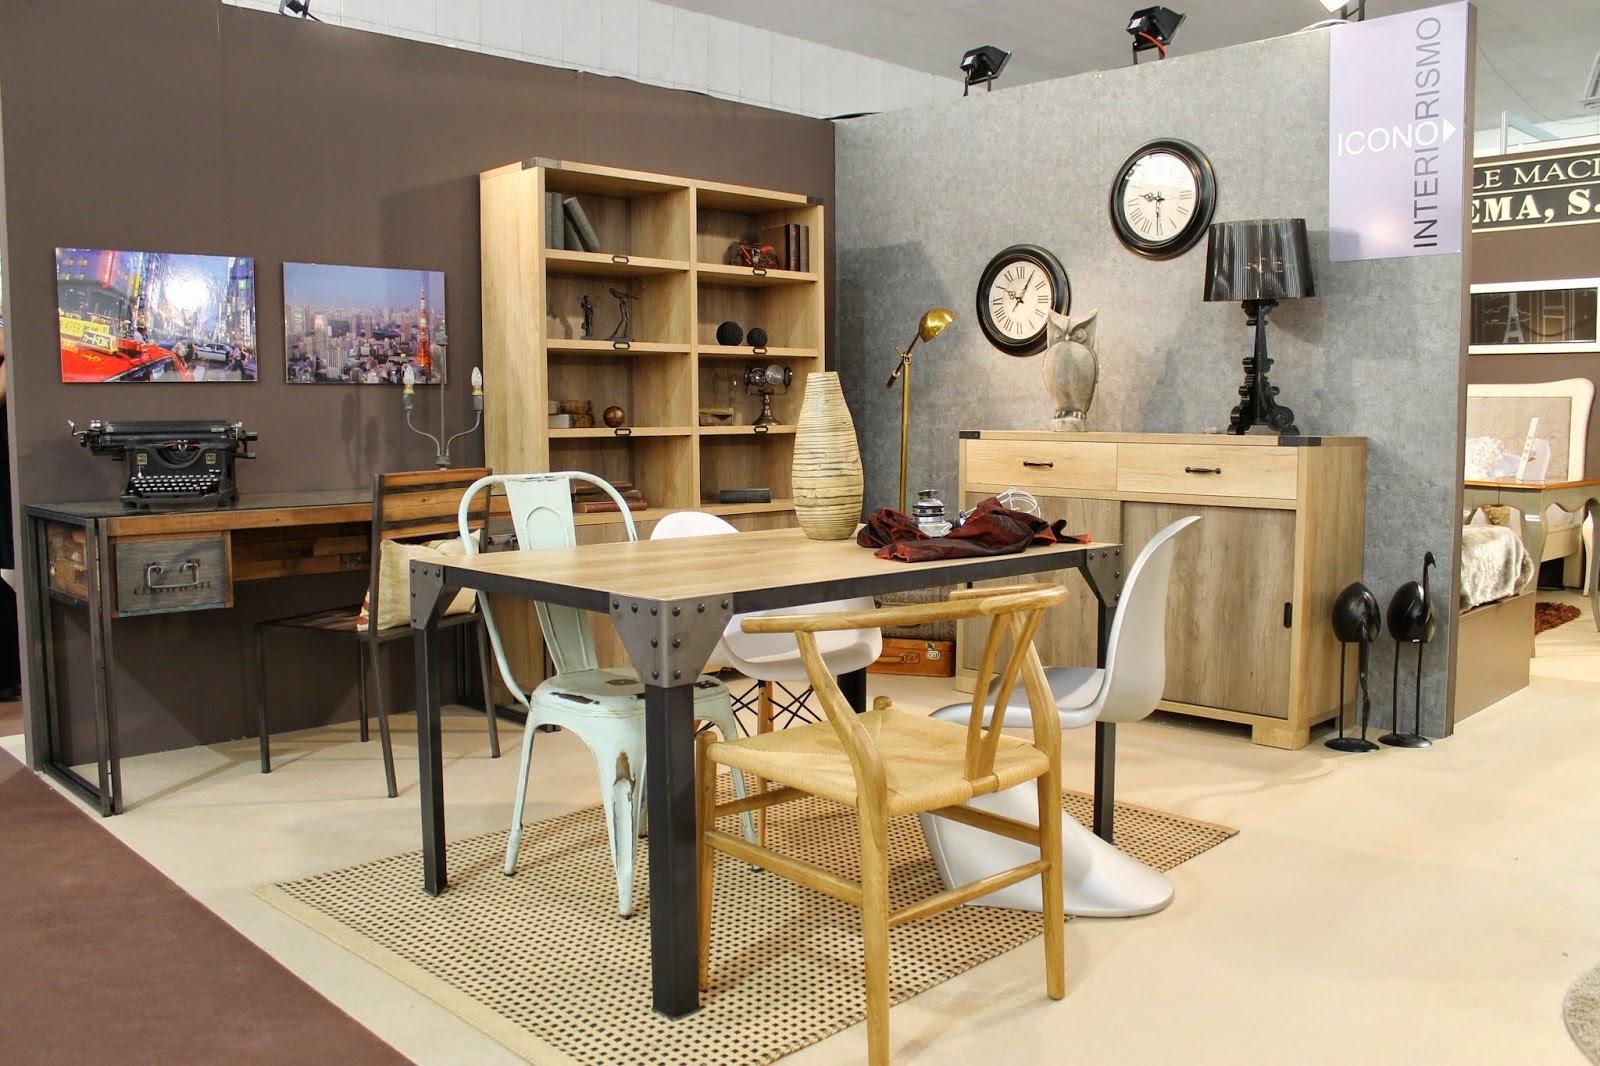 Icono interiorismo se aproxima la xxi feria del mueble for Muebles de najera